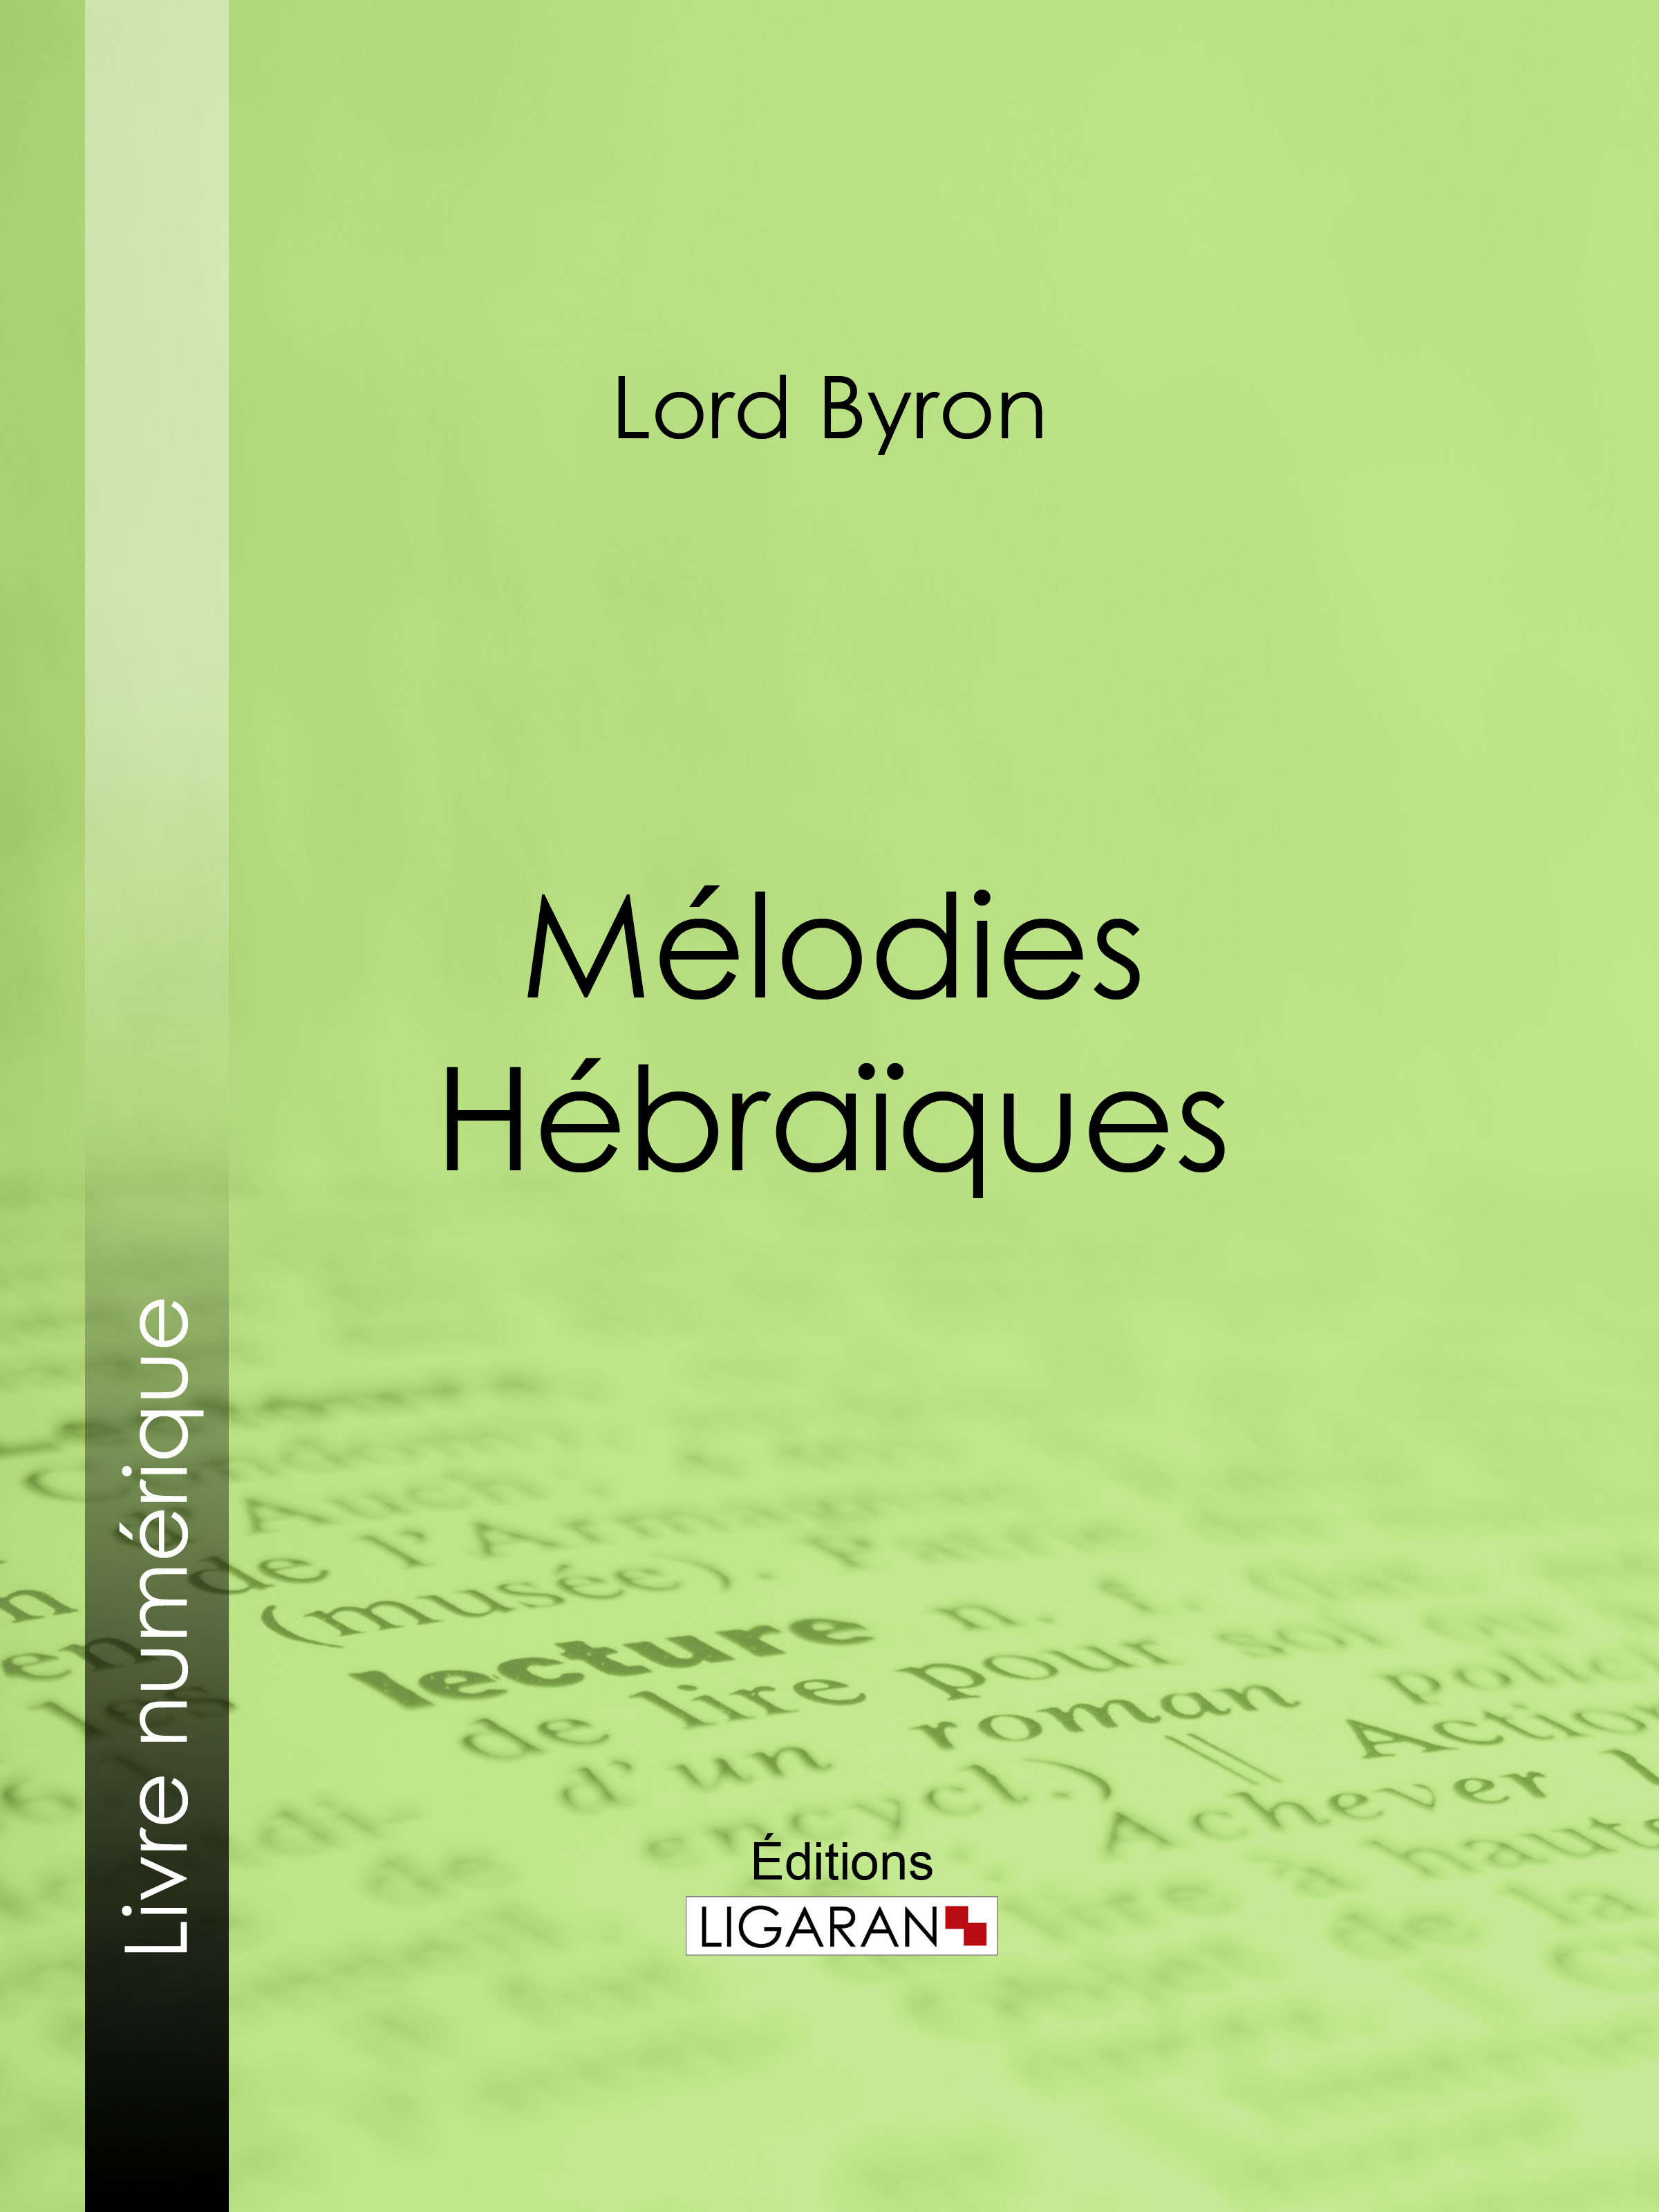 Mélodies Hébraïques